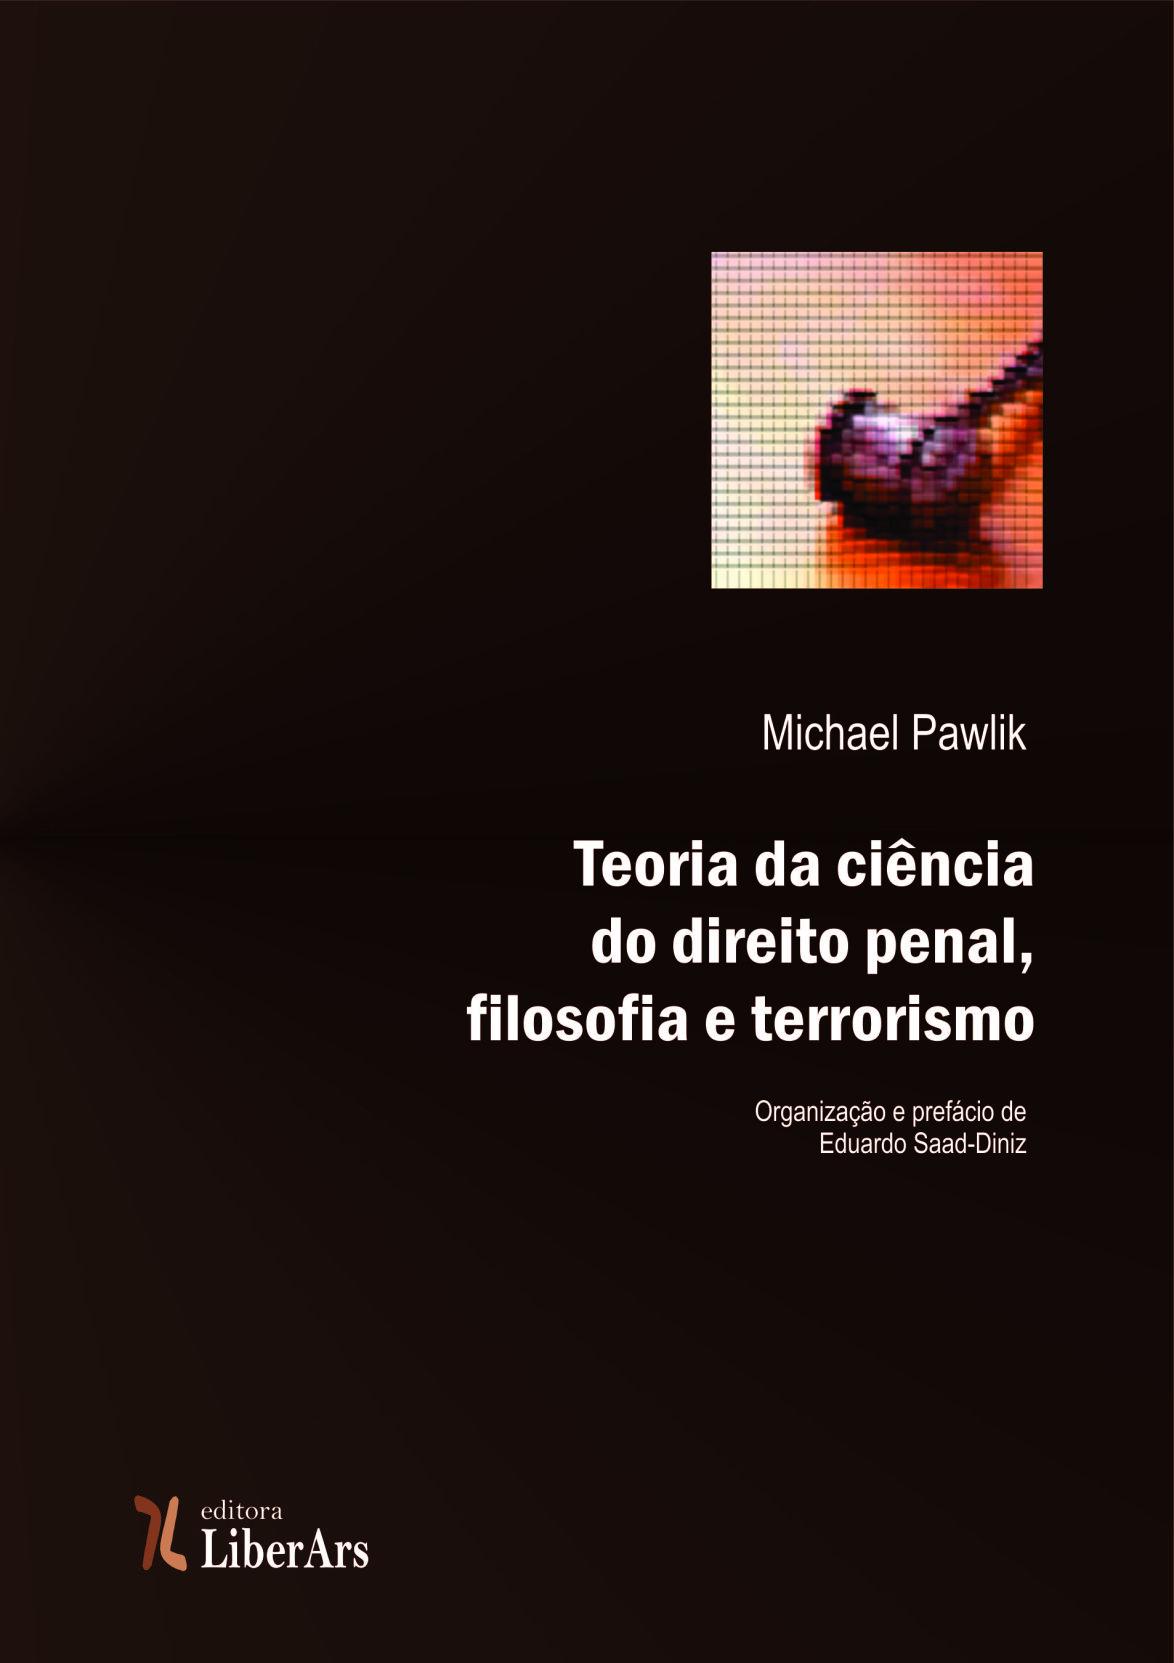 Teoria da ciência do direito penal, filosofia e terrorismo, livro de Michael Pawlik